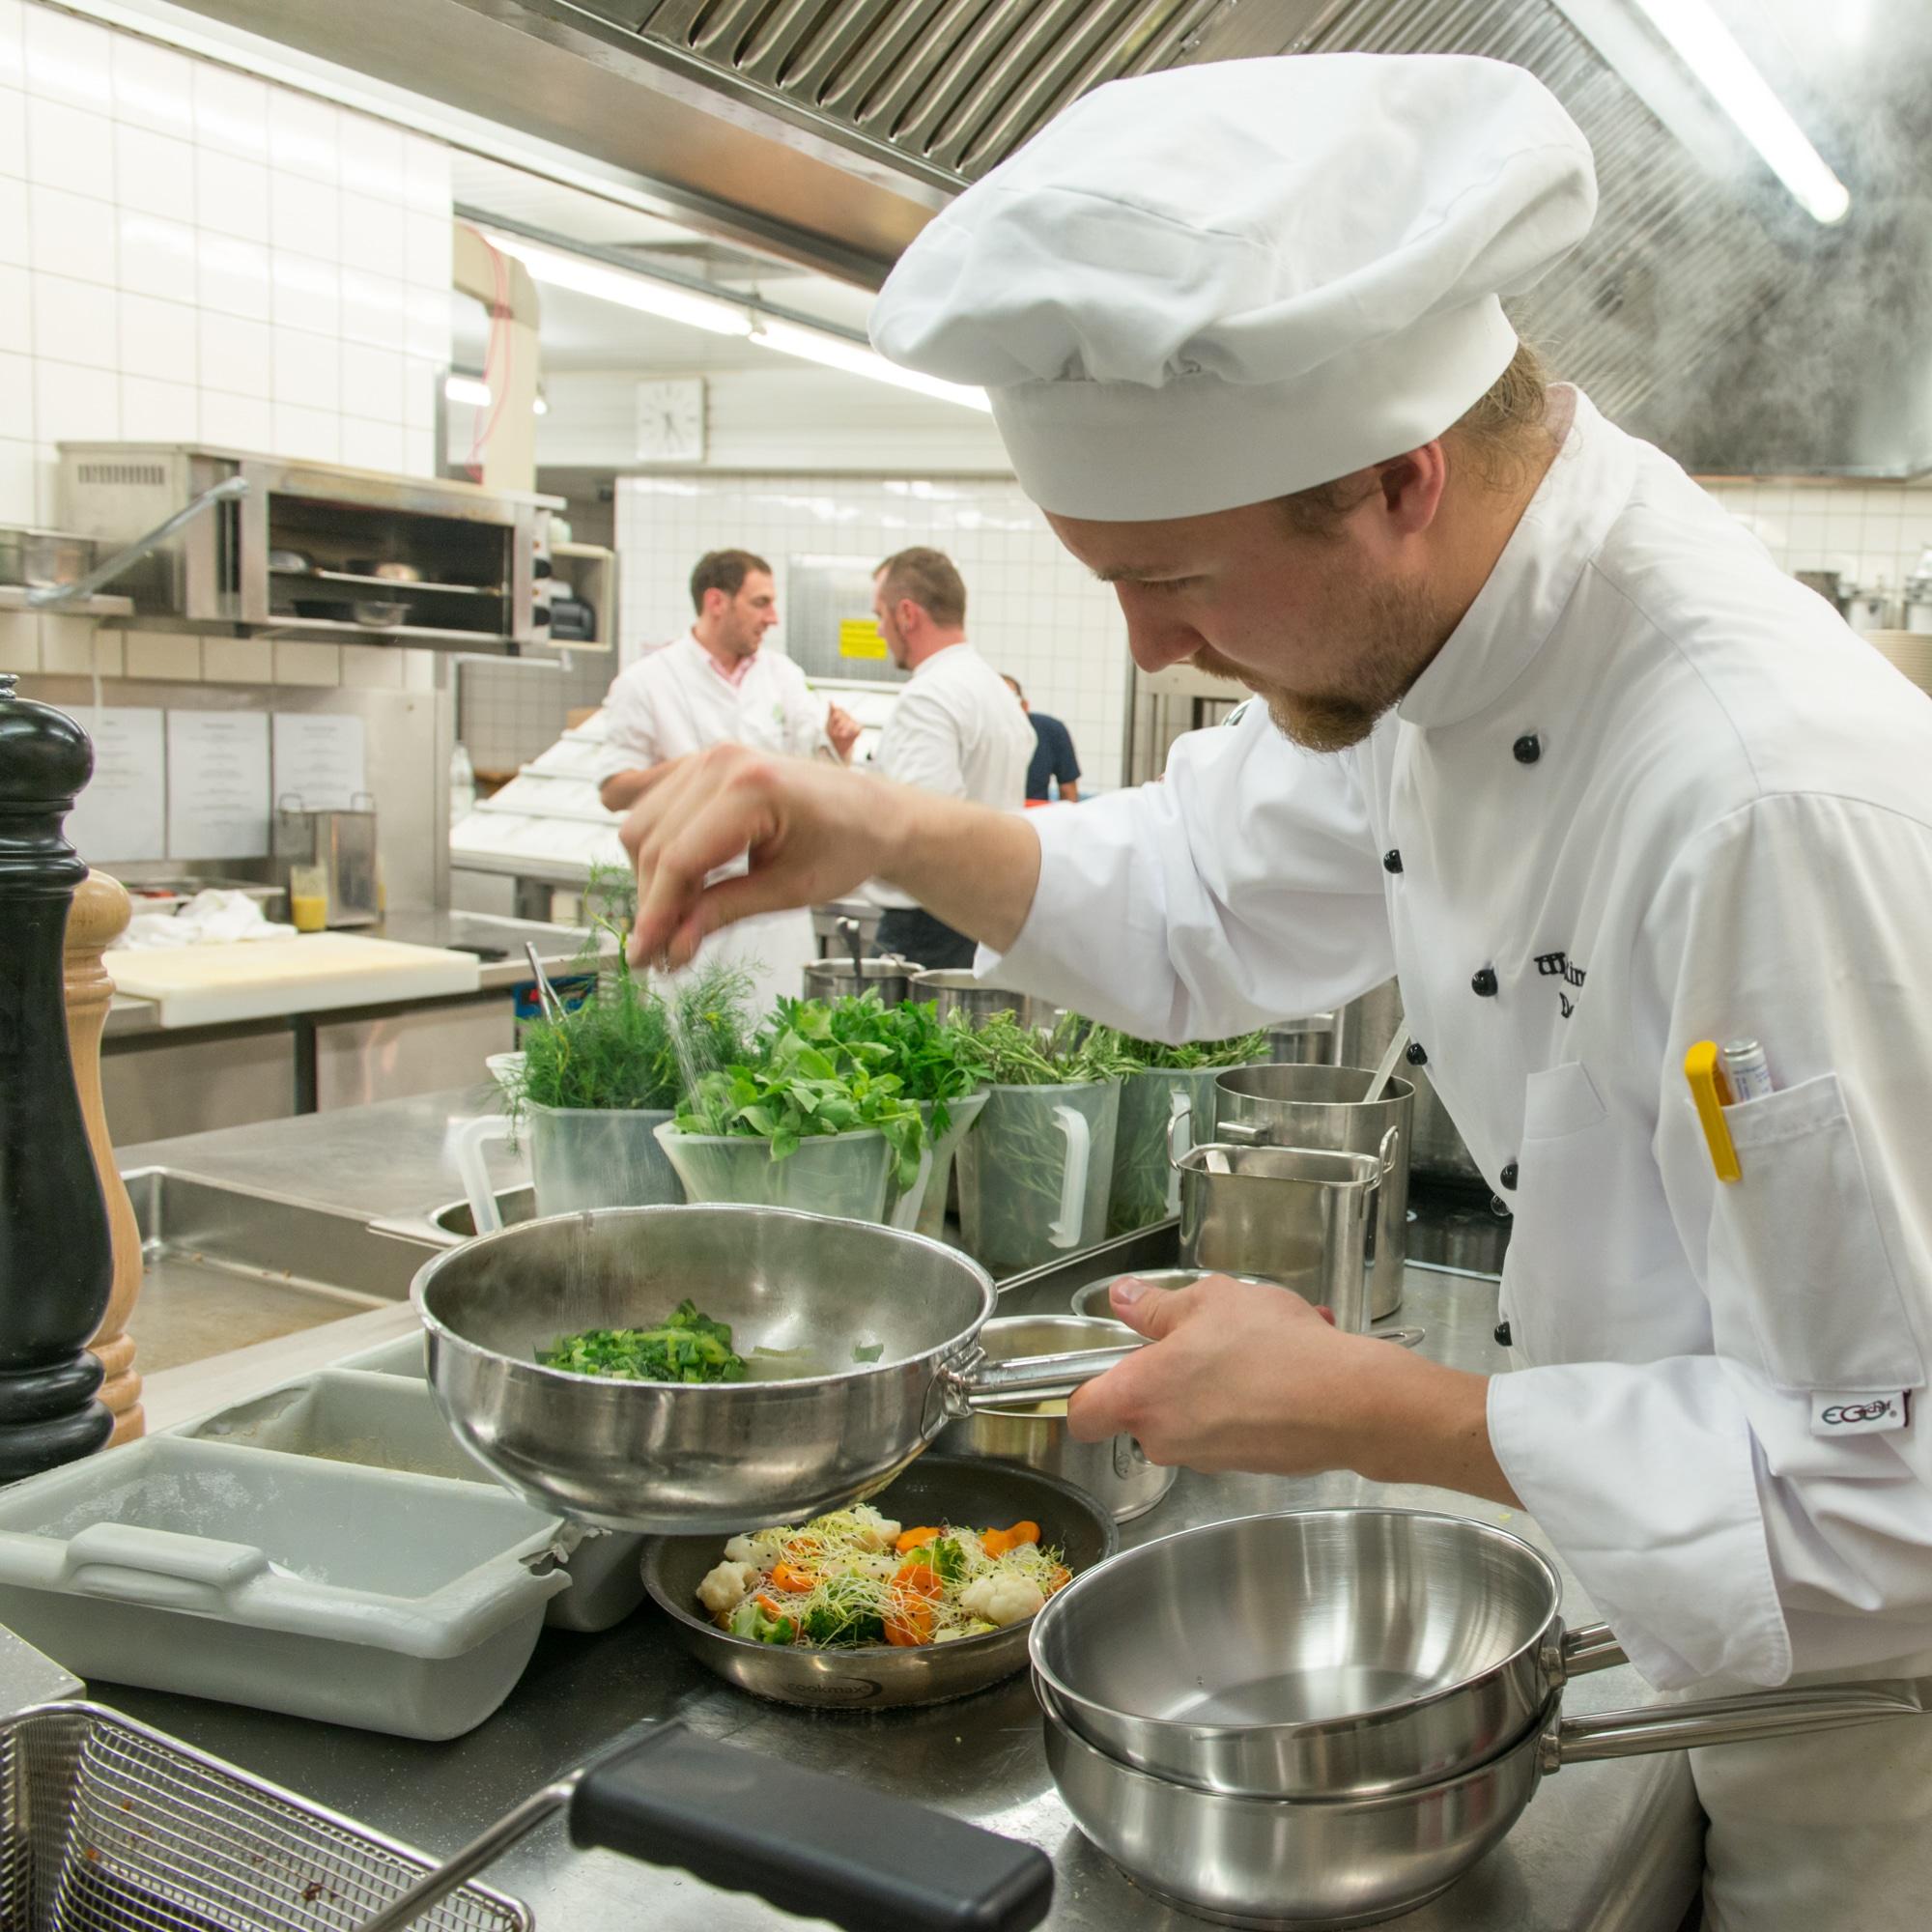 Koch beim Zubereiten in der Küche